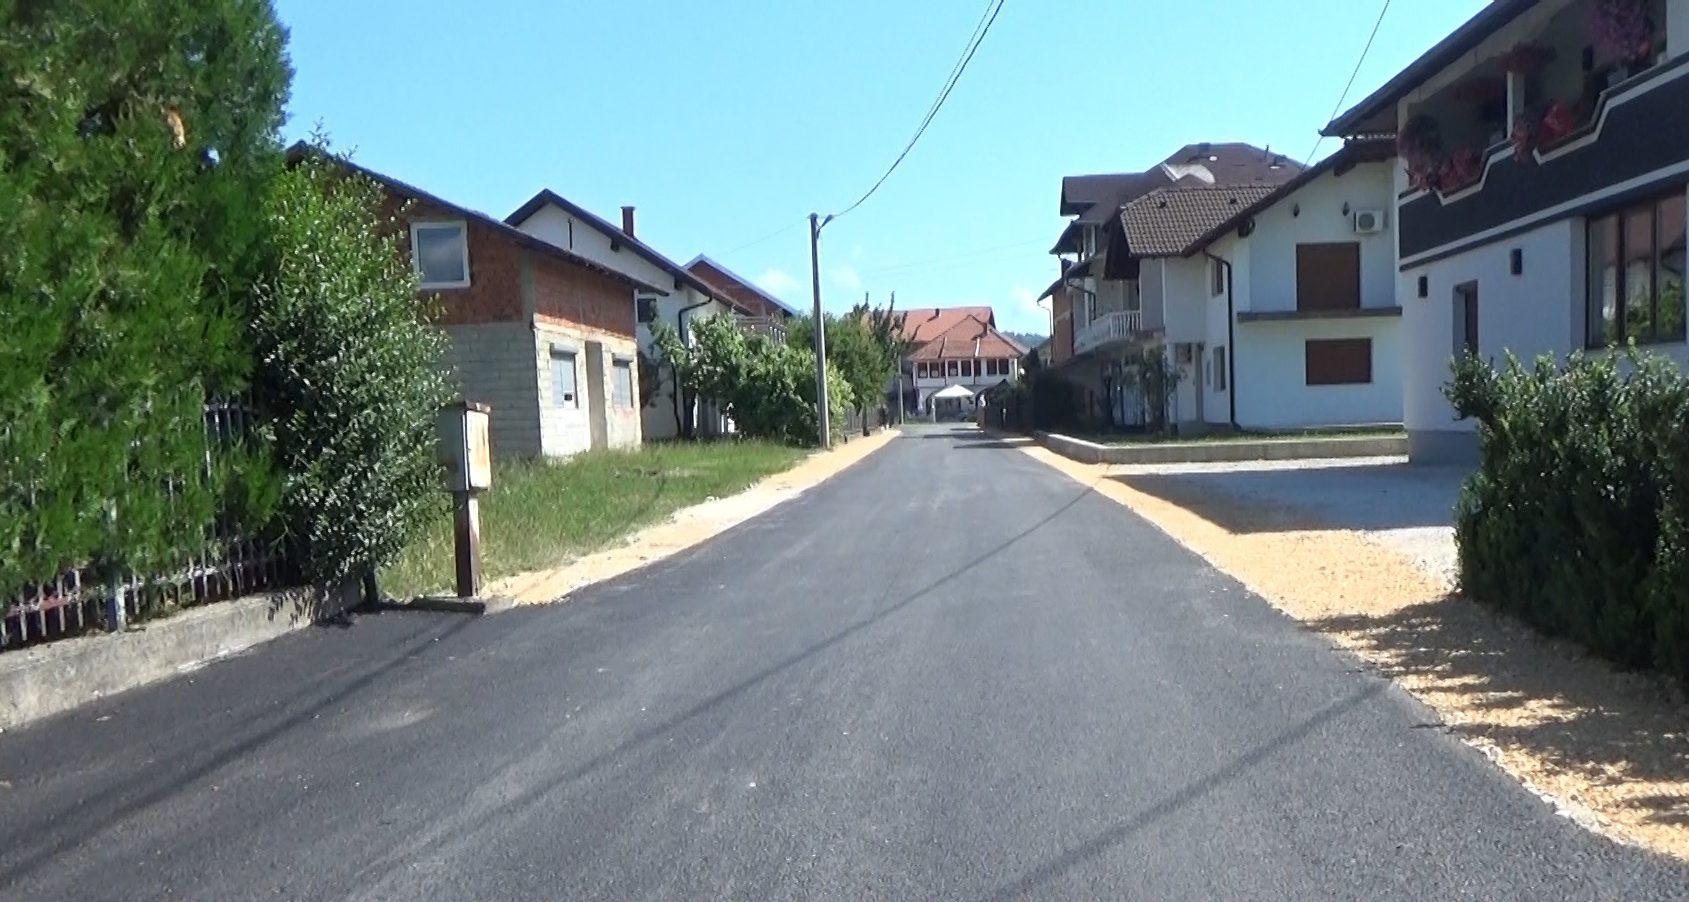 Novi asfalt u naselju Alagića polje